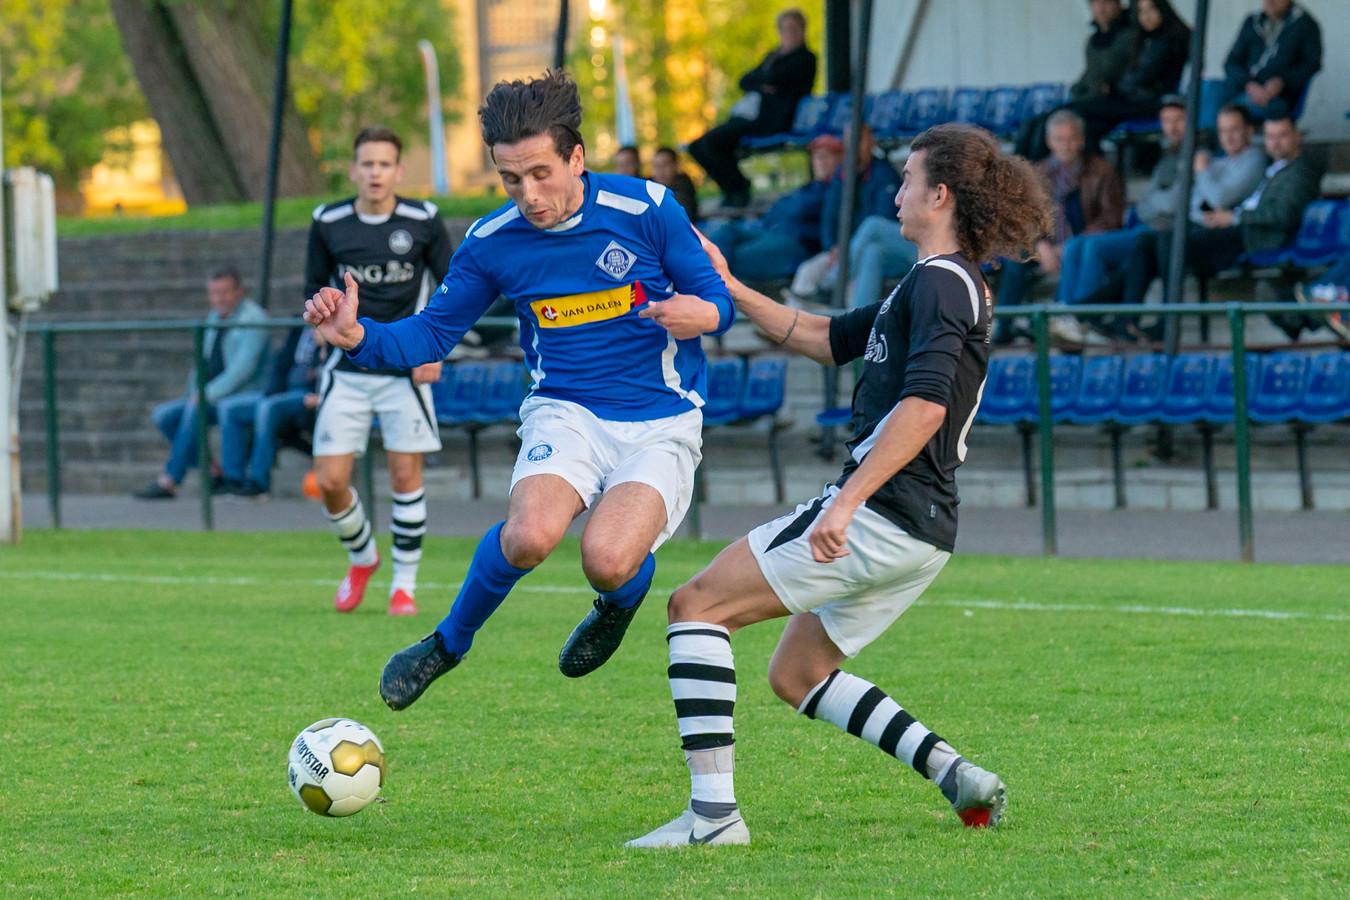 Mex Bakker, doelpuntenmaker voor RKHVV, ontwijkt een tackle van Dylan Rovroy van SML.